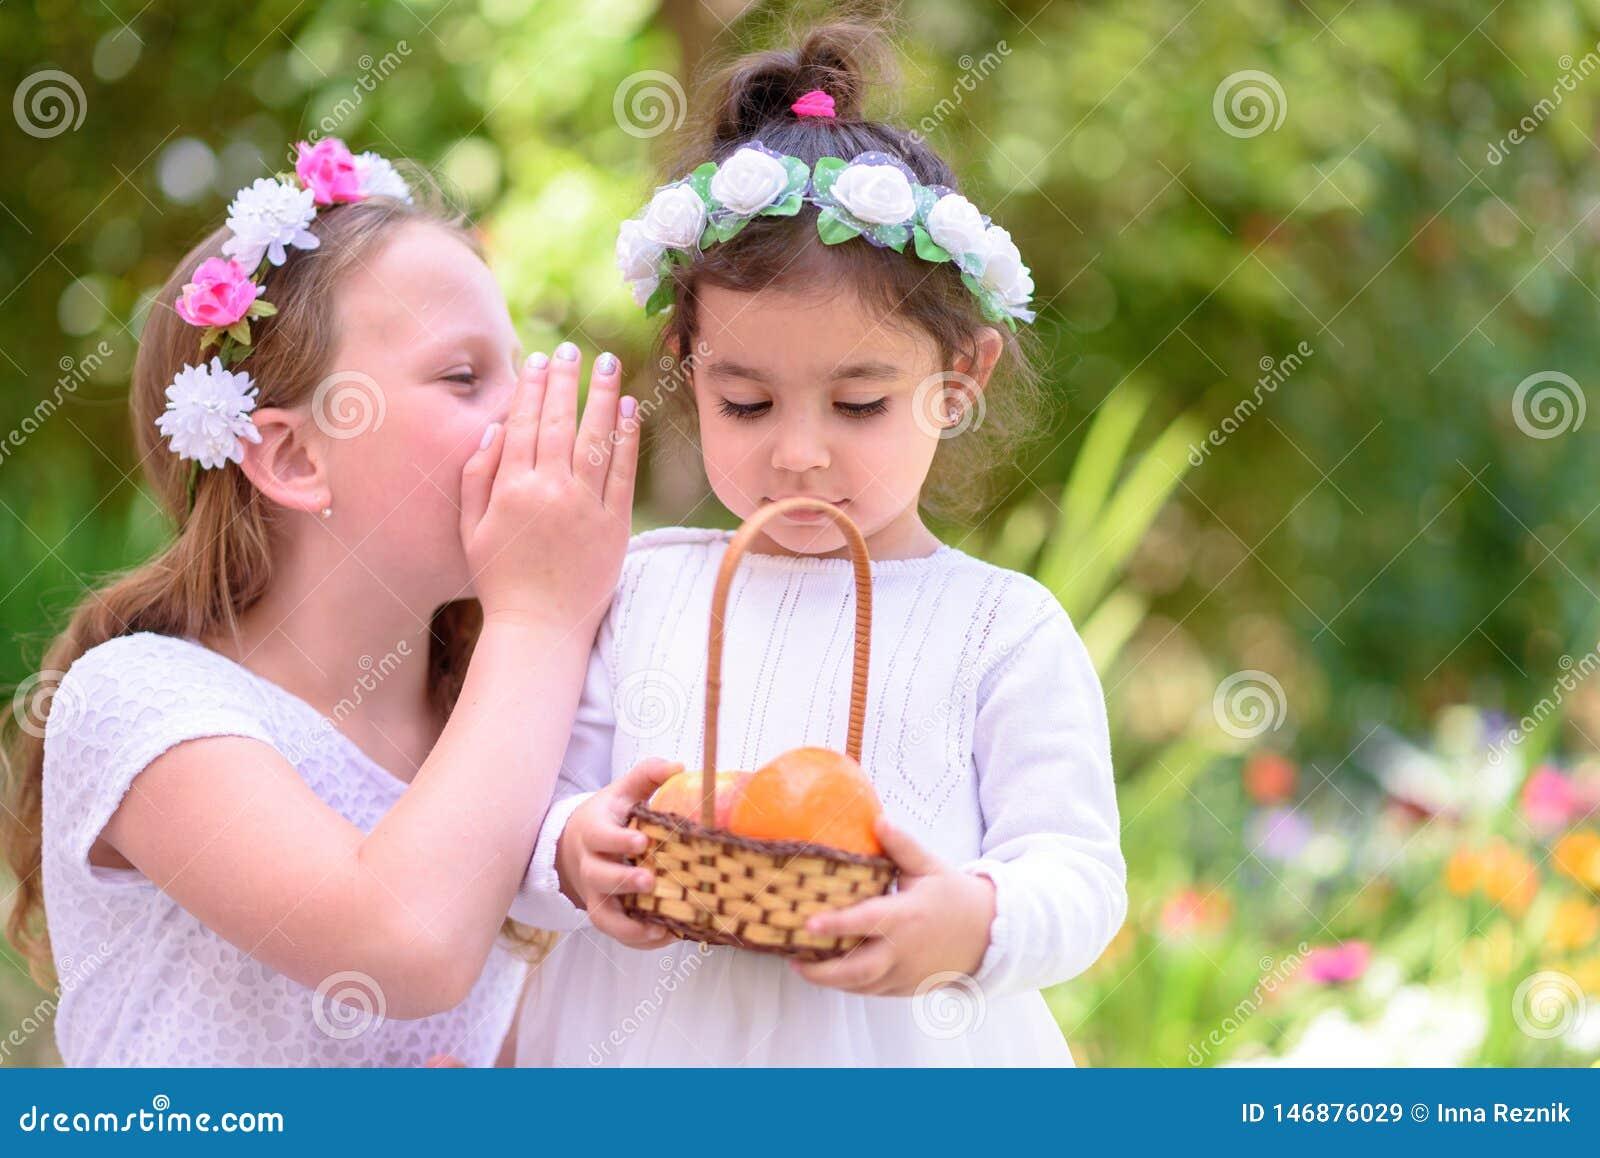 2 маленькой девочки в белом платье держат корзину со свежими фруктами в саде лета